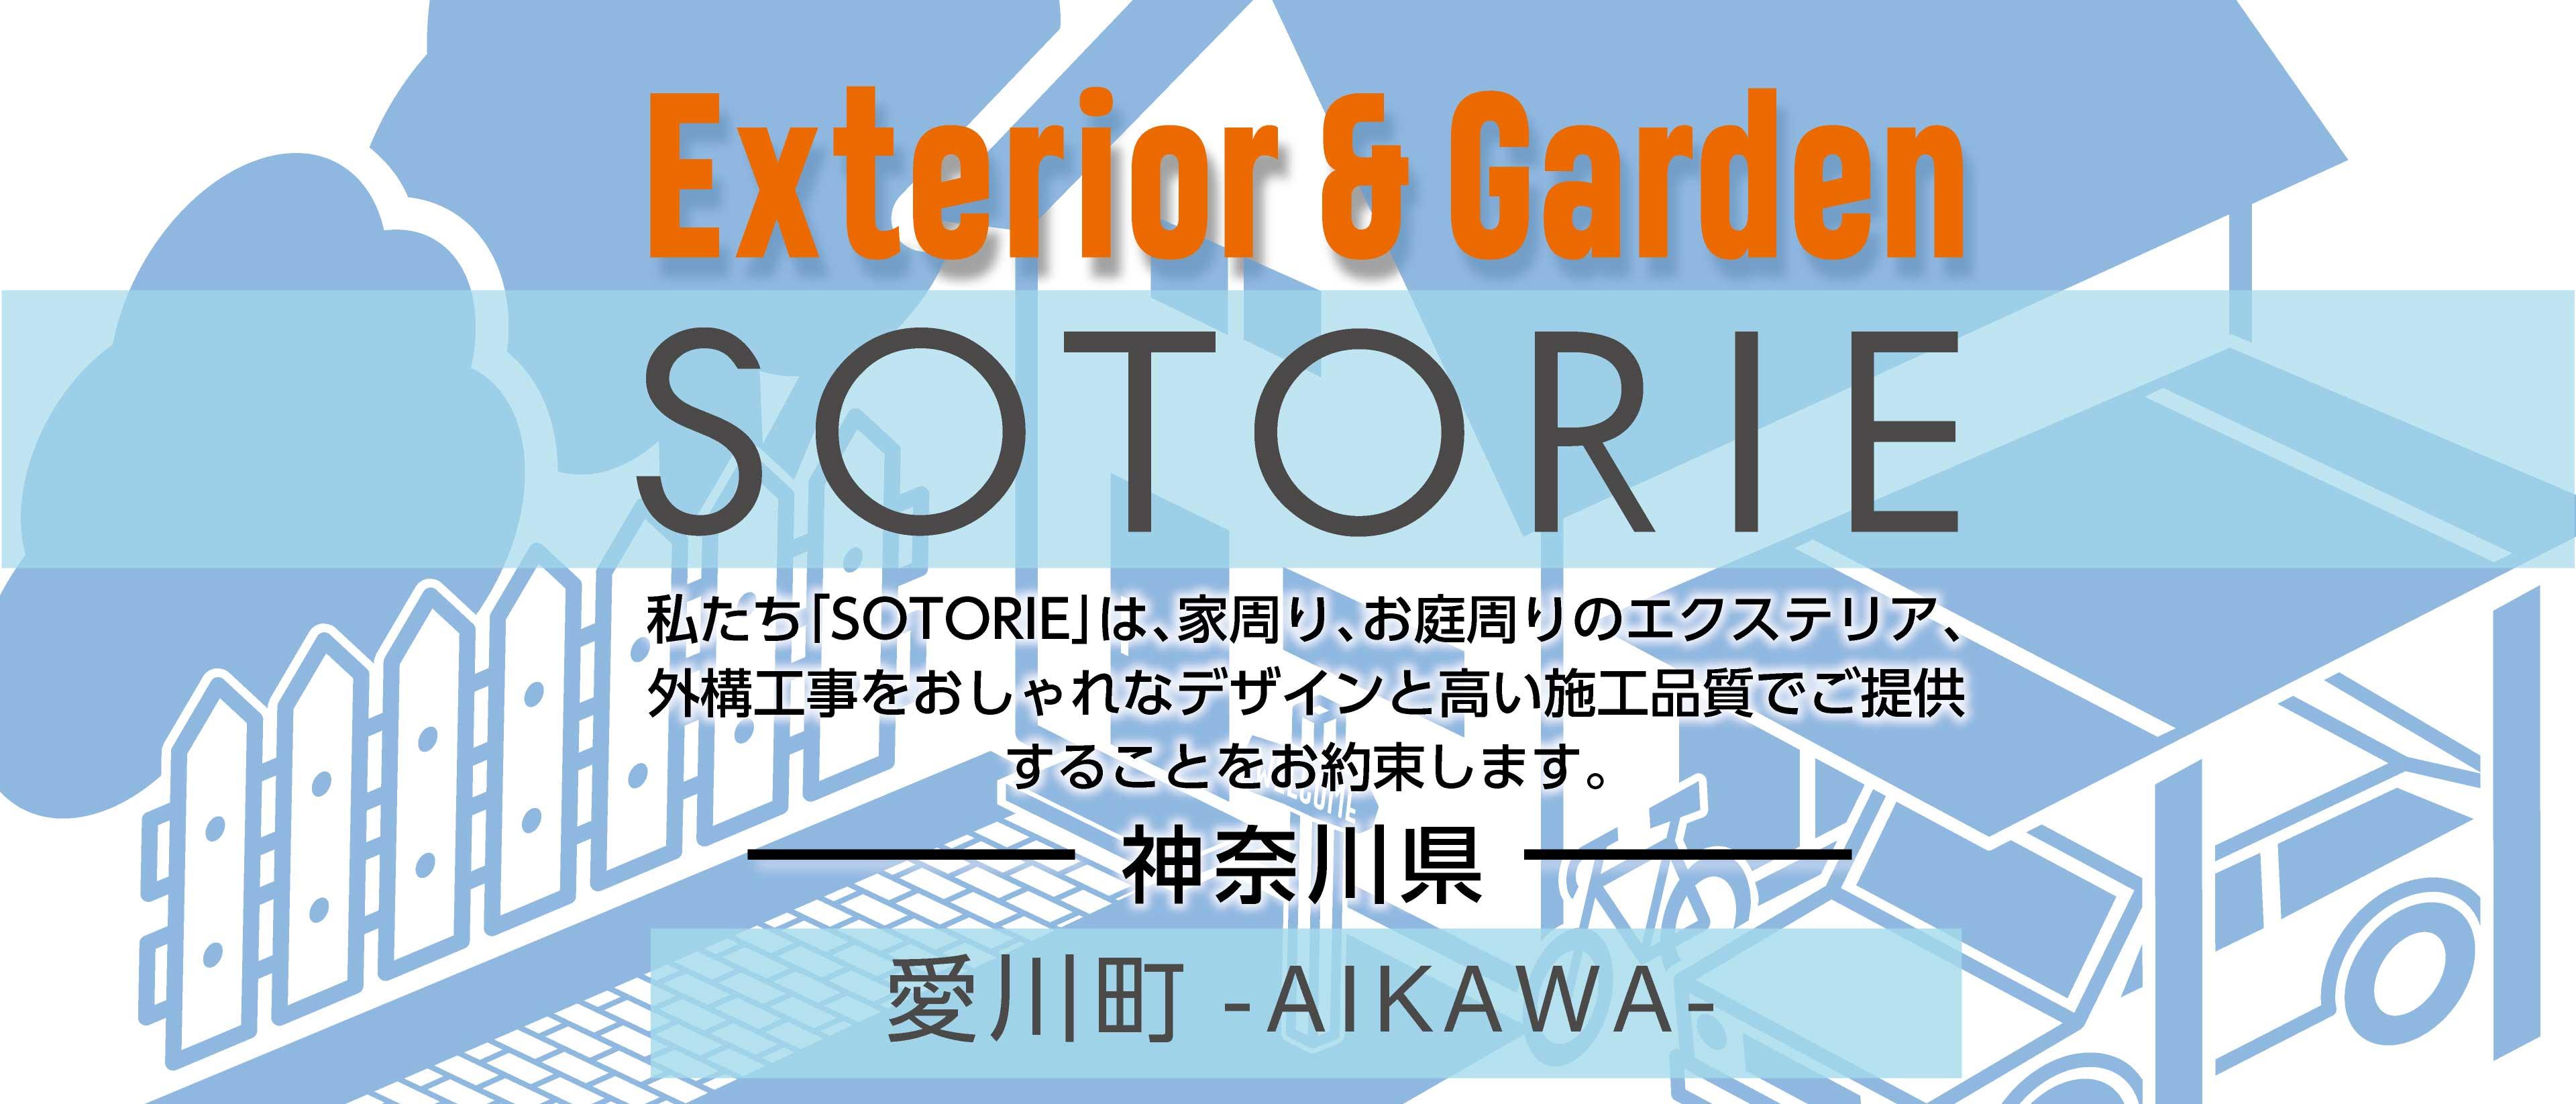 ソトリエ愛川町では、家周りと庭周りの外構、エクステリア工事をおしゃれなデザインと高い施工品質でご提供することをお約束します。